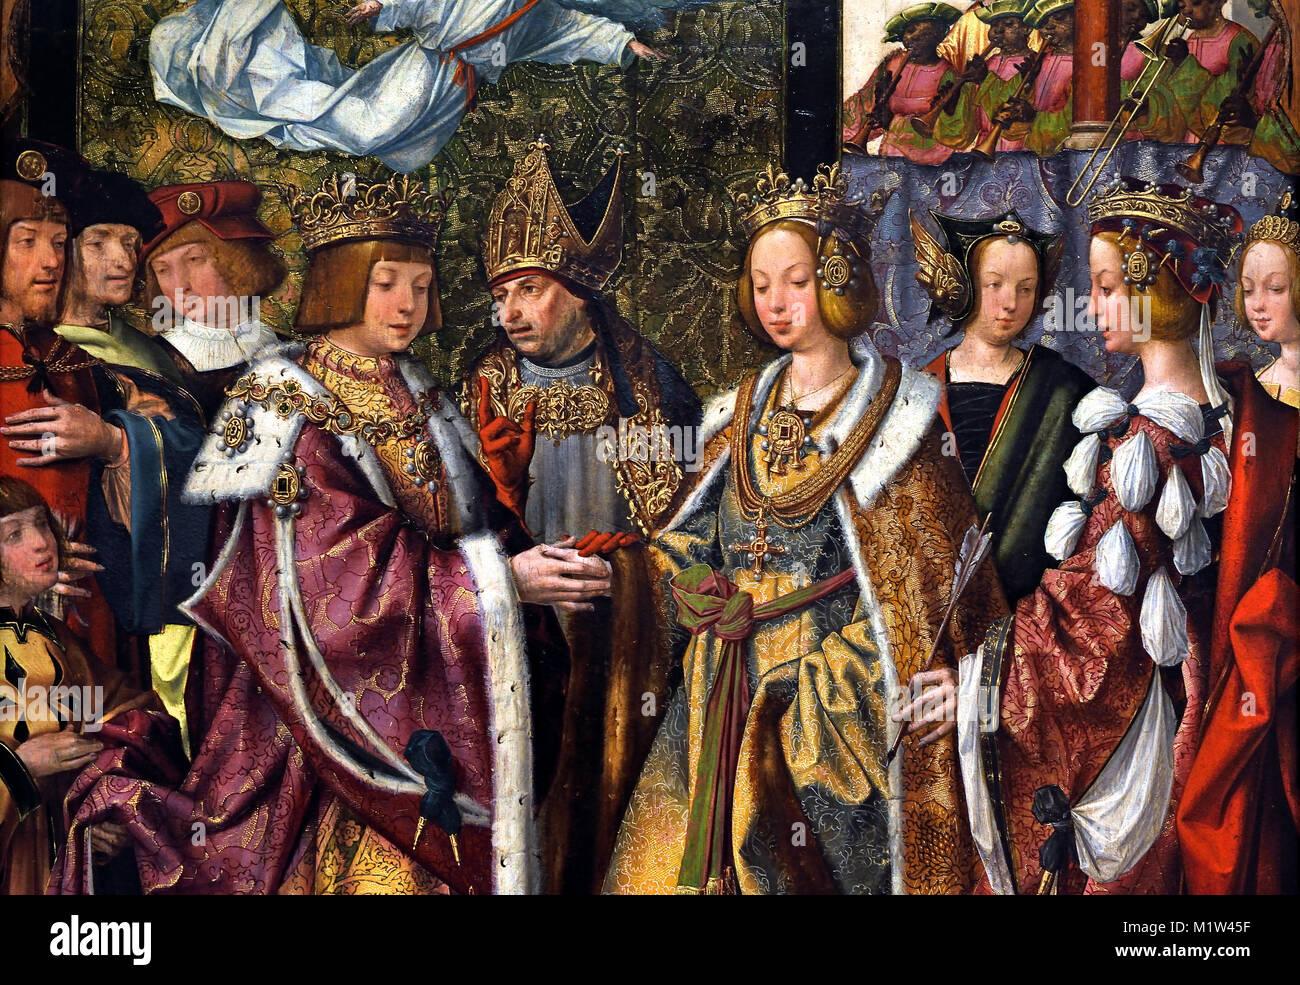 https www alamyimages fr photo image sainte ursule et prince etherius faire un voeu solennel a l autre 1522 1525 maitre inconnu atelier lisbonne panneau a partir de l auta retable maitre de l auta retable 16e siecle portugais portugal 173270427 html